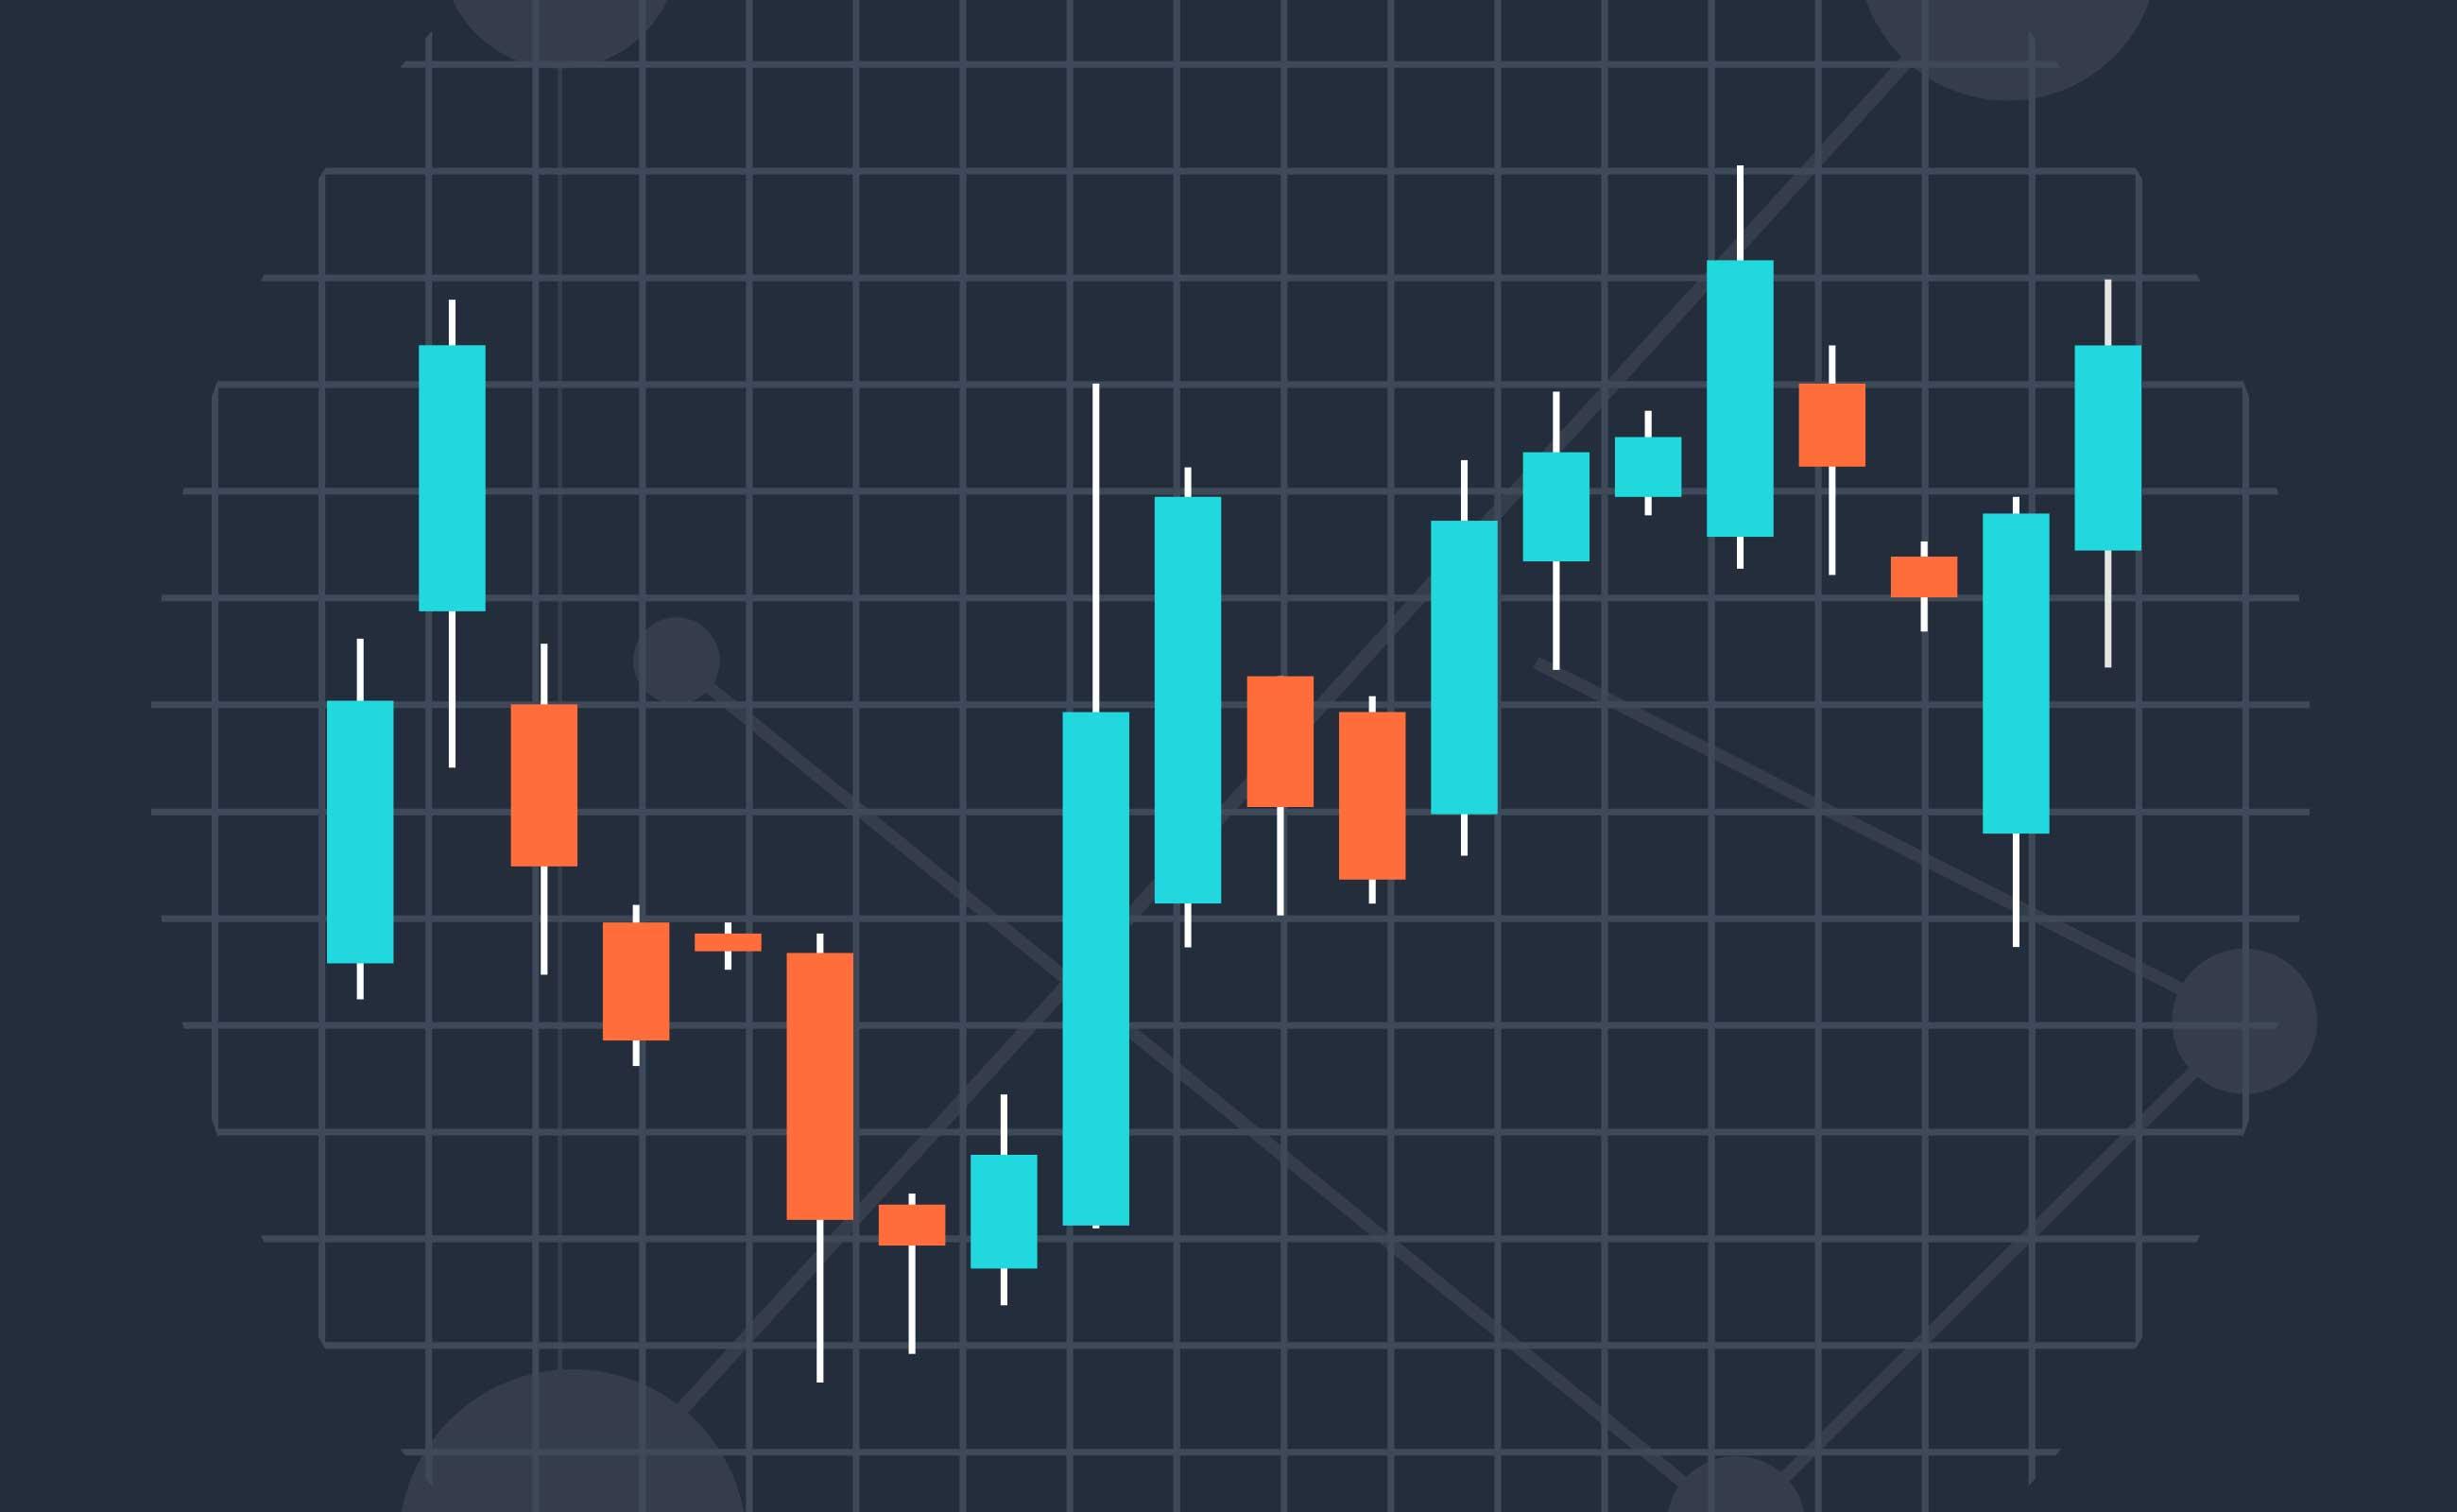 美股三大指数创年初以来最大单周跌幅